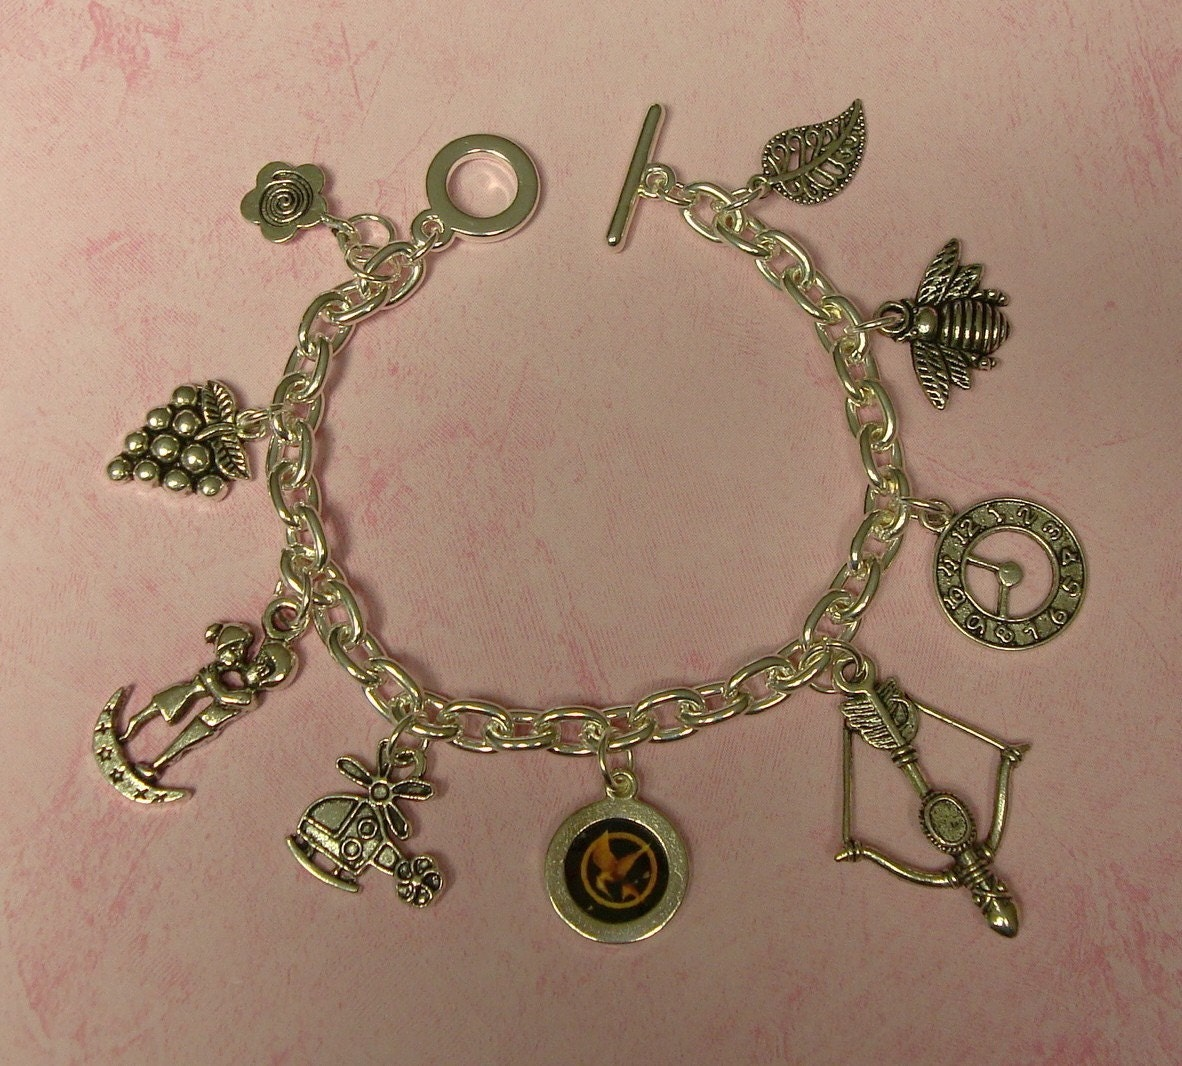 MOCKINGJAY Tribute Charm Bracelet Inspired by Hunger Games Series Books